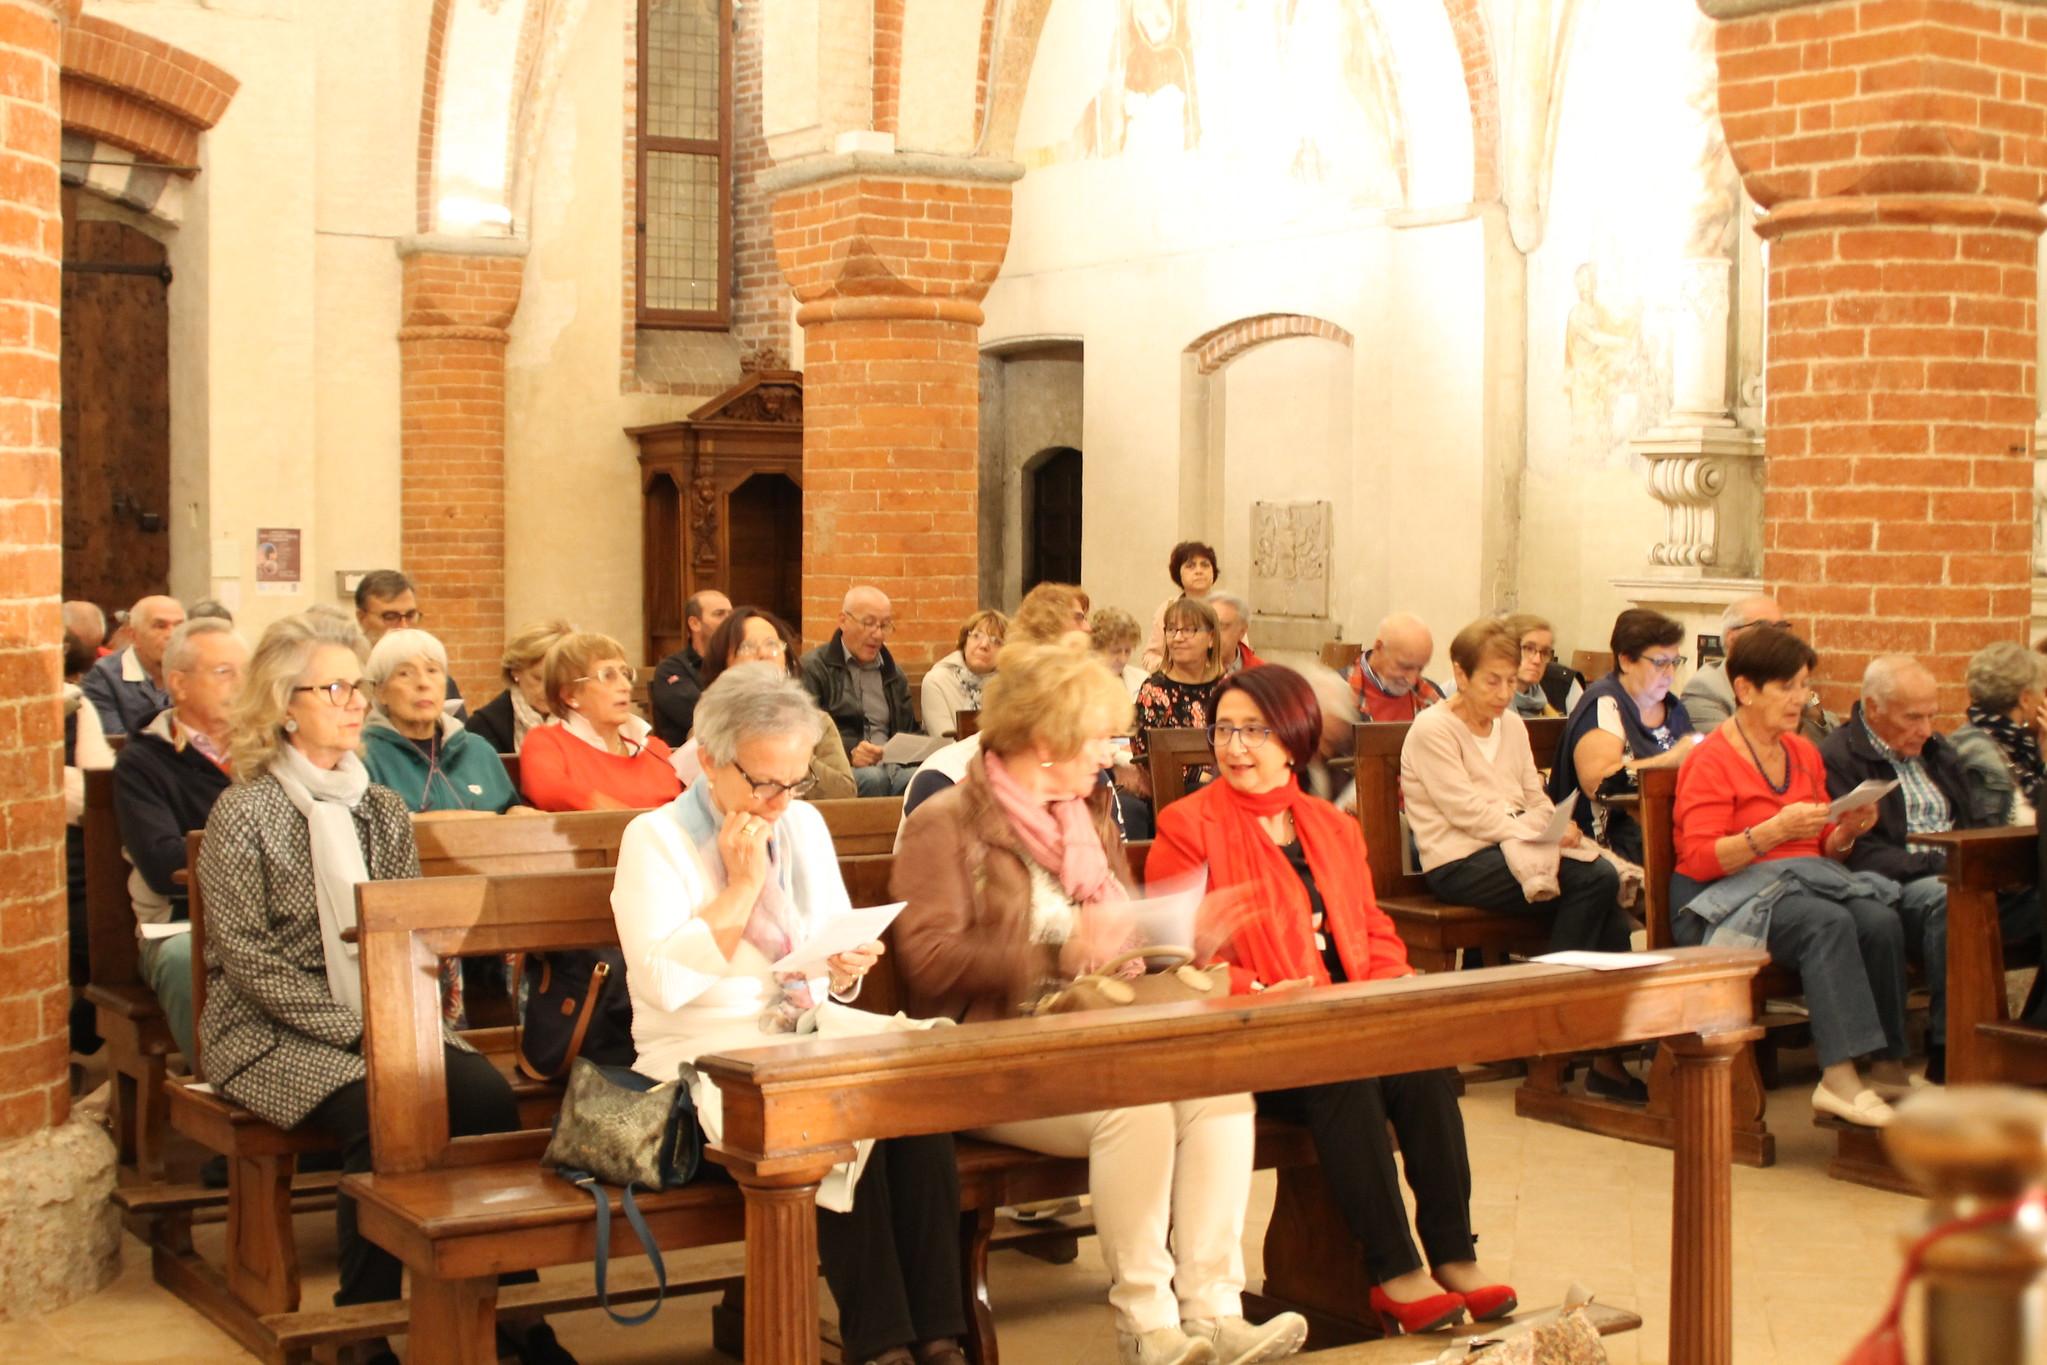 Incontri che trasformano: Ensamble Borali in concerto a Viboldone